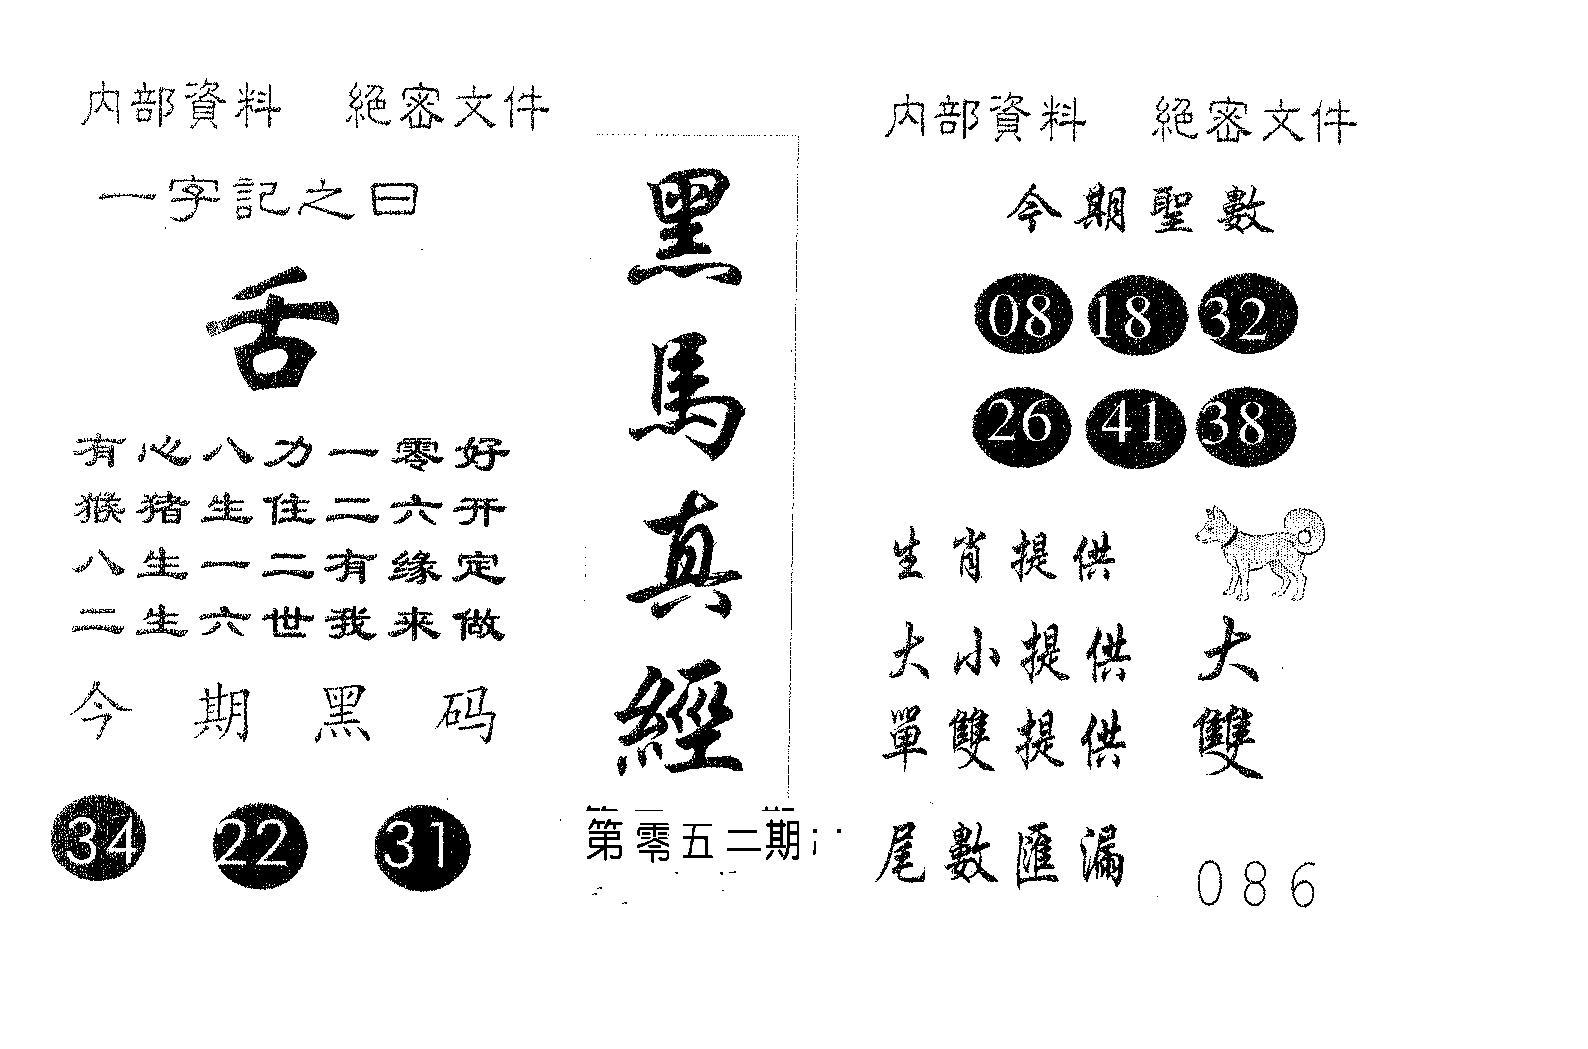 052期黑马真经(黑白)